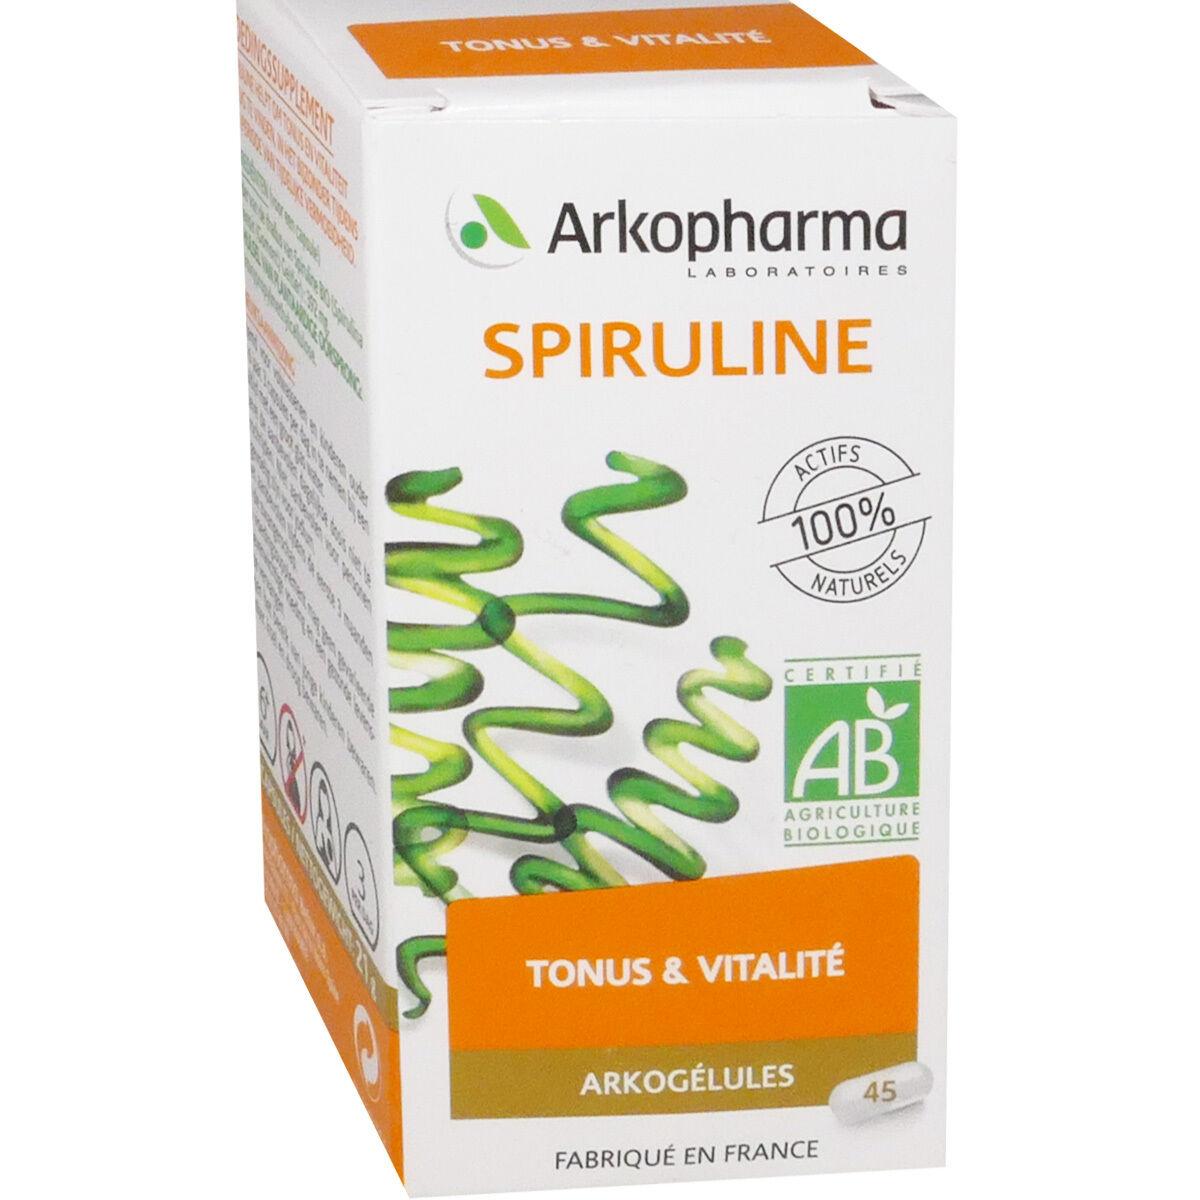 Arkopharma spiruline tonus & vitalite 45 gelules